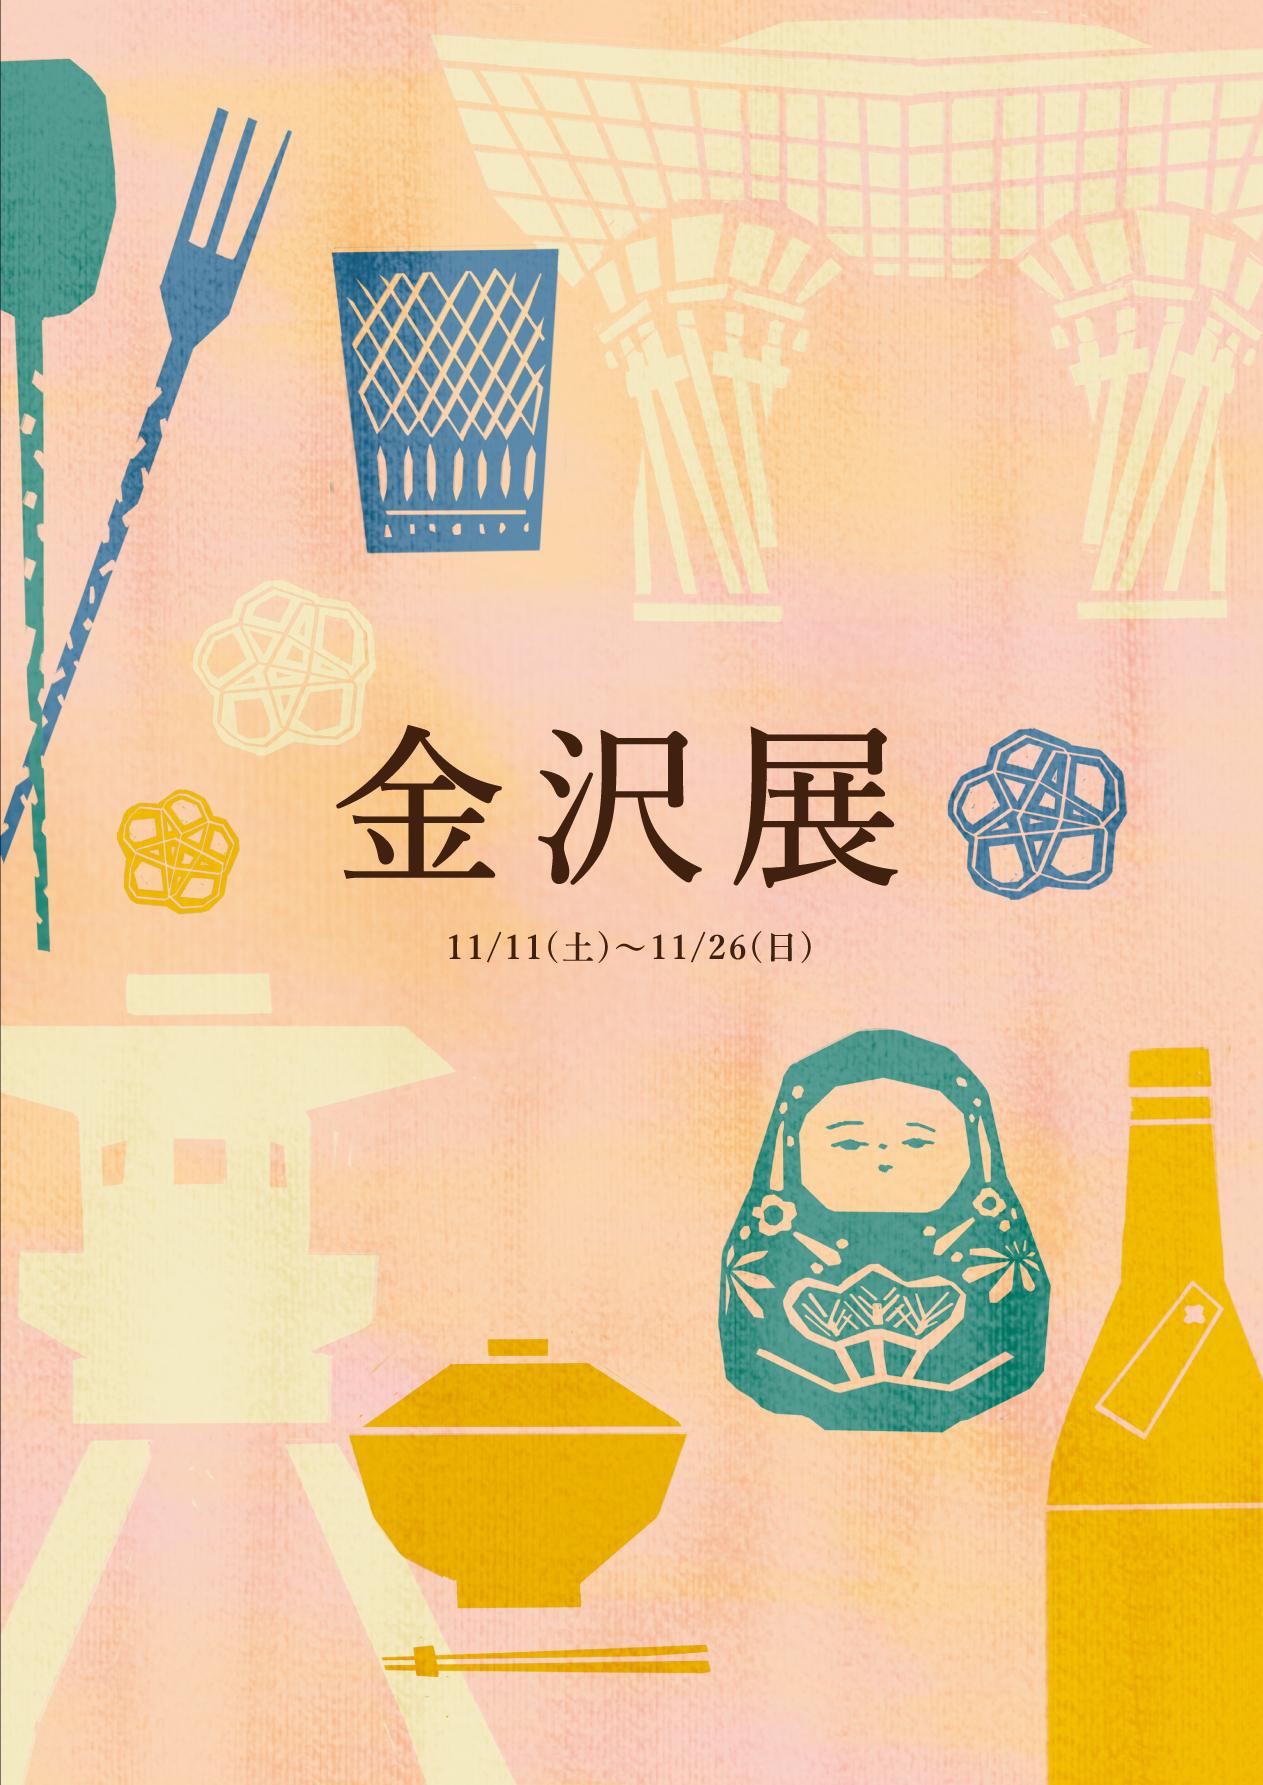 https://www.schule.jp/news/kanazawa_dm.jpg